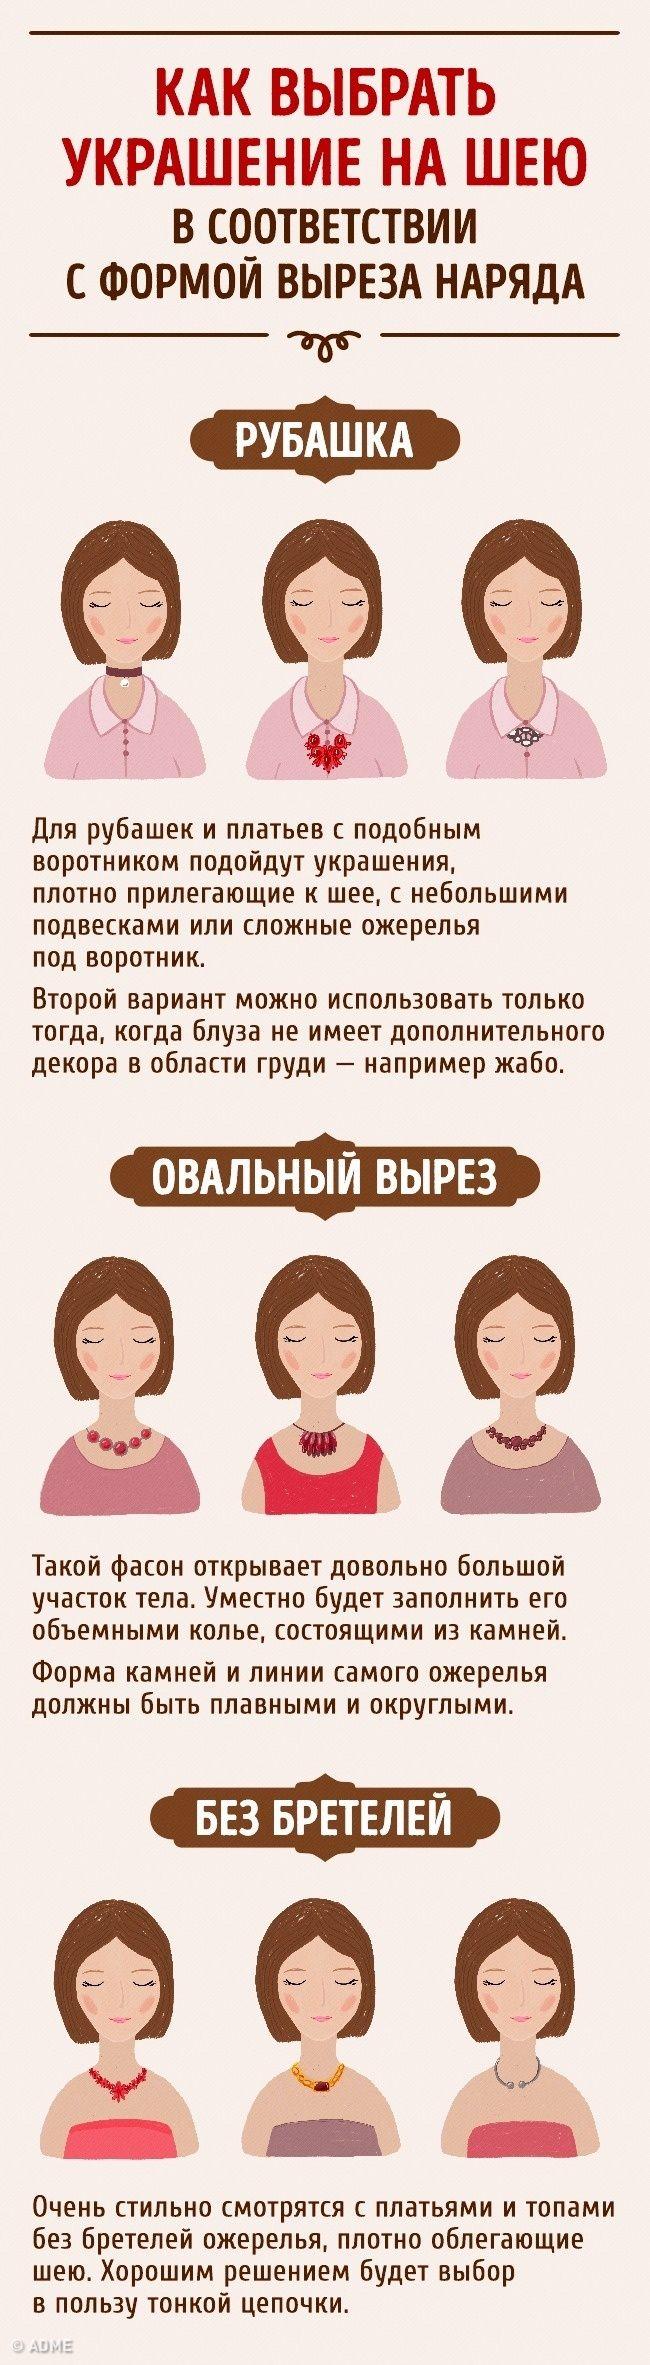 Девушкам совсеми этими декольте иворотничками бывает легко запутаться, какое ожерелье, кулон или бусы лучше выбрать. Таже проблема касается исережек. Чтобы облегчить вам задачу, мывAdMe.ru создали гид, который поможет подобрать украшения, подчеркивающие вашу красоту.